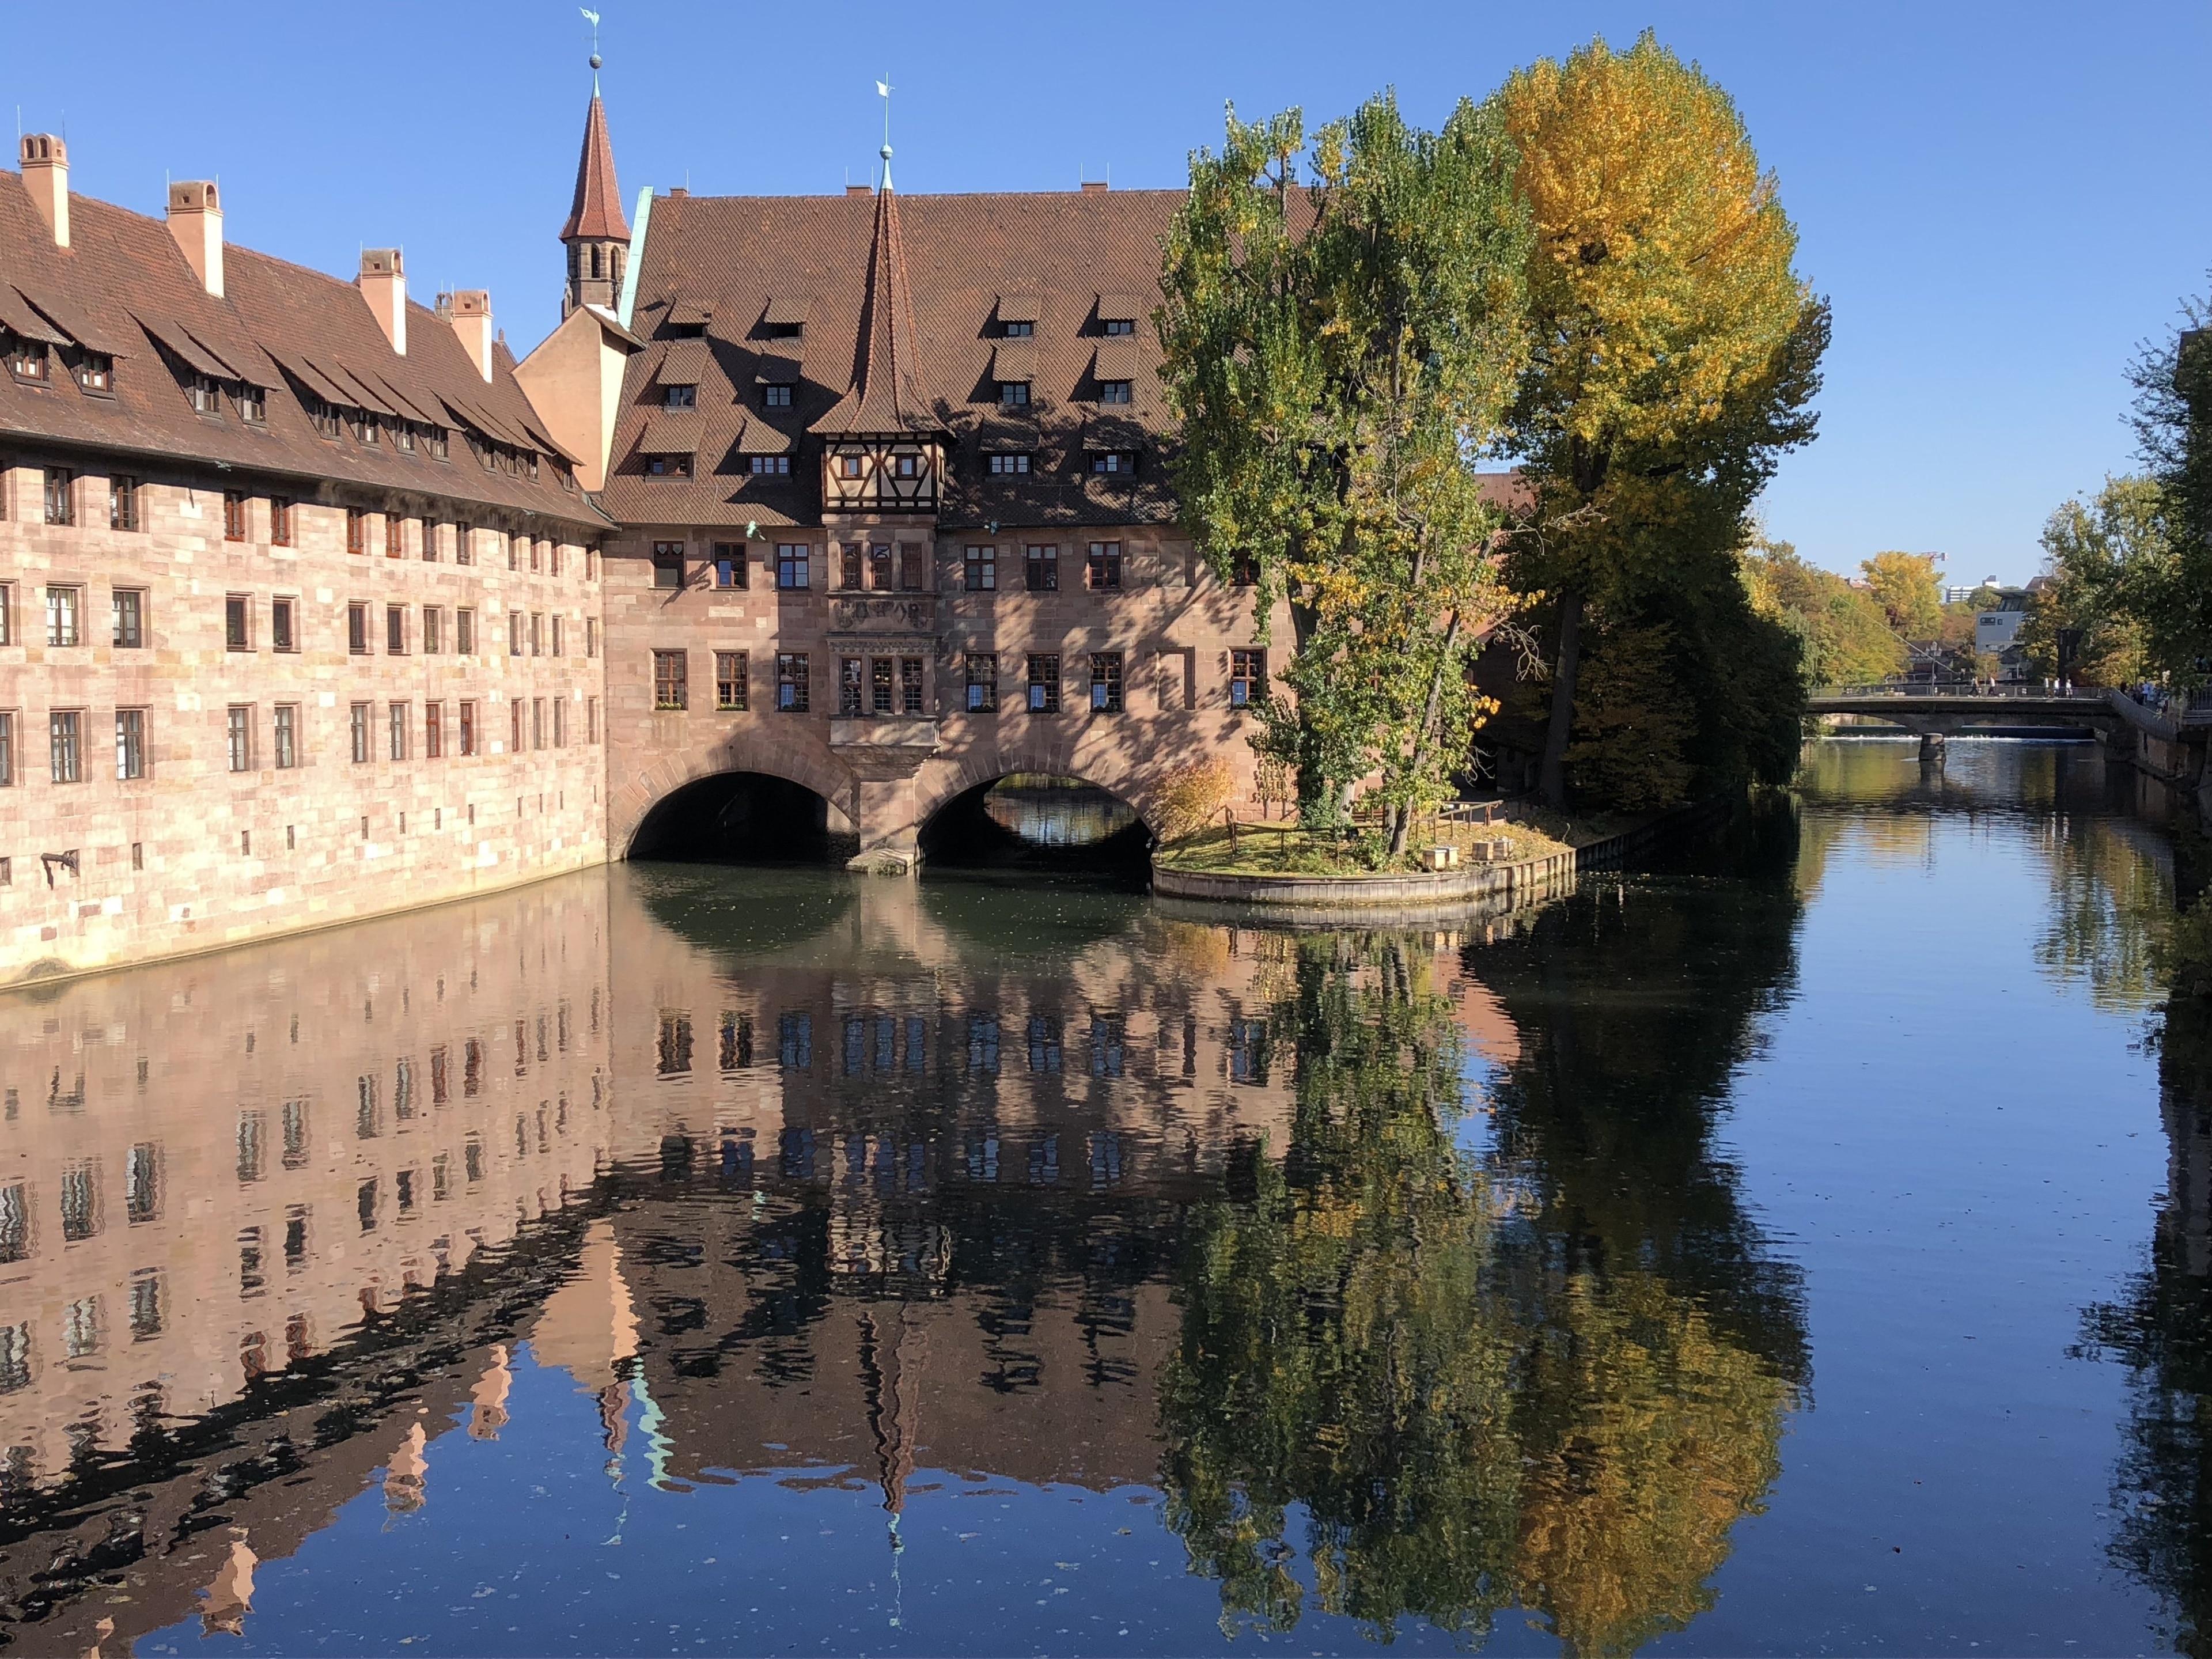 Stein, Bayern, Deutschland